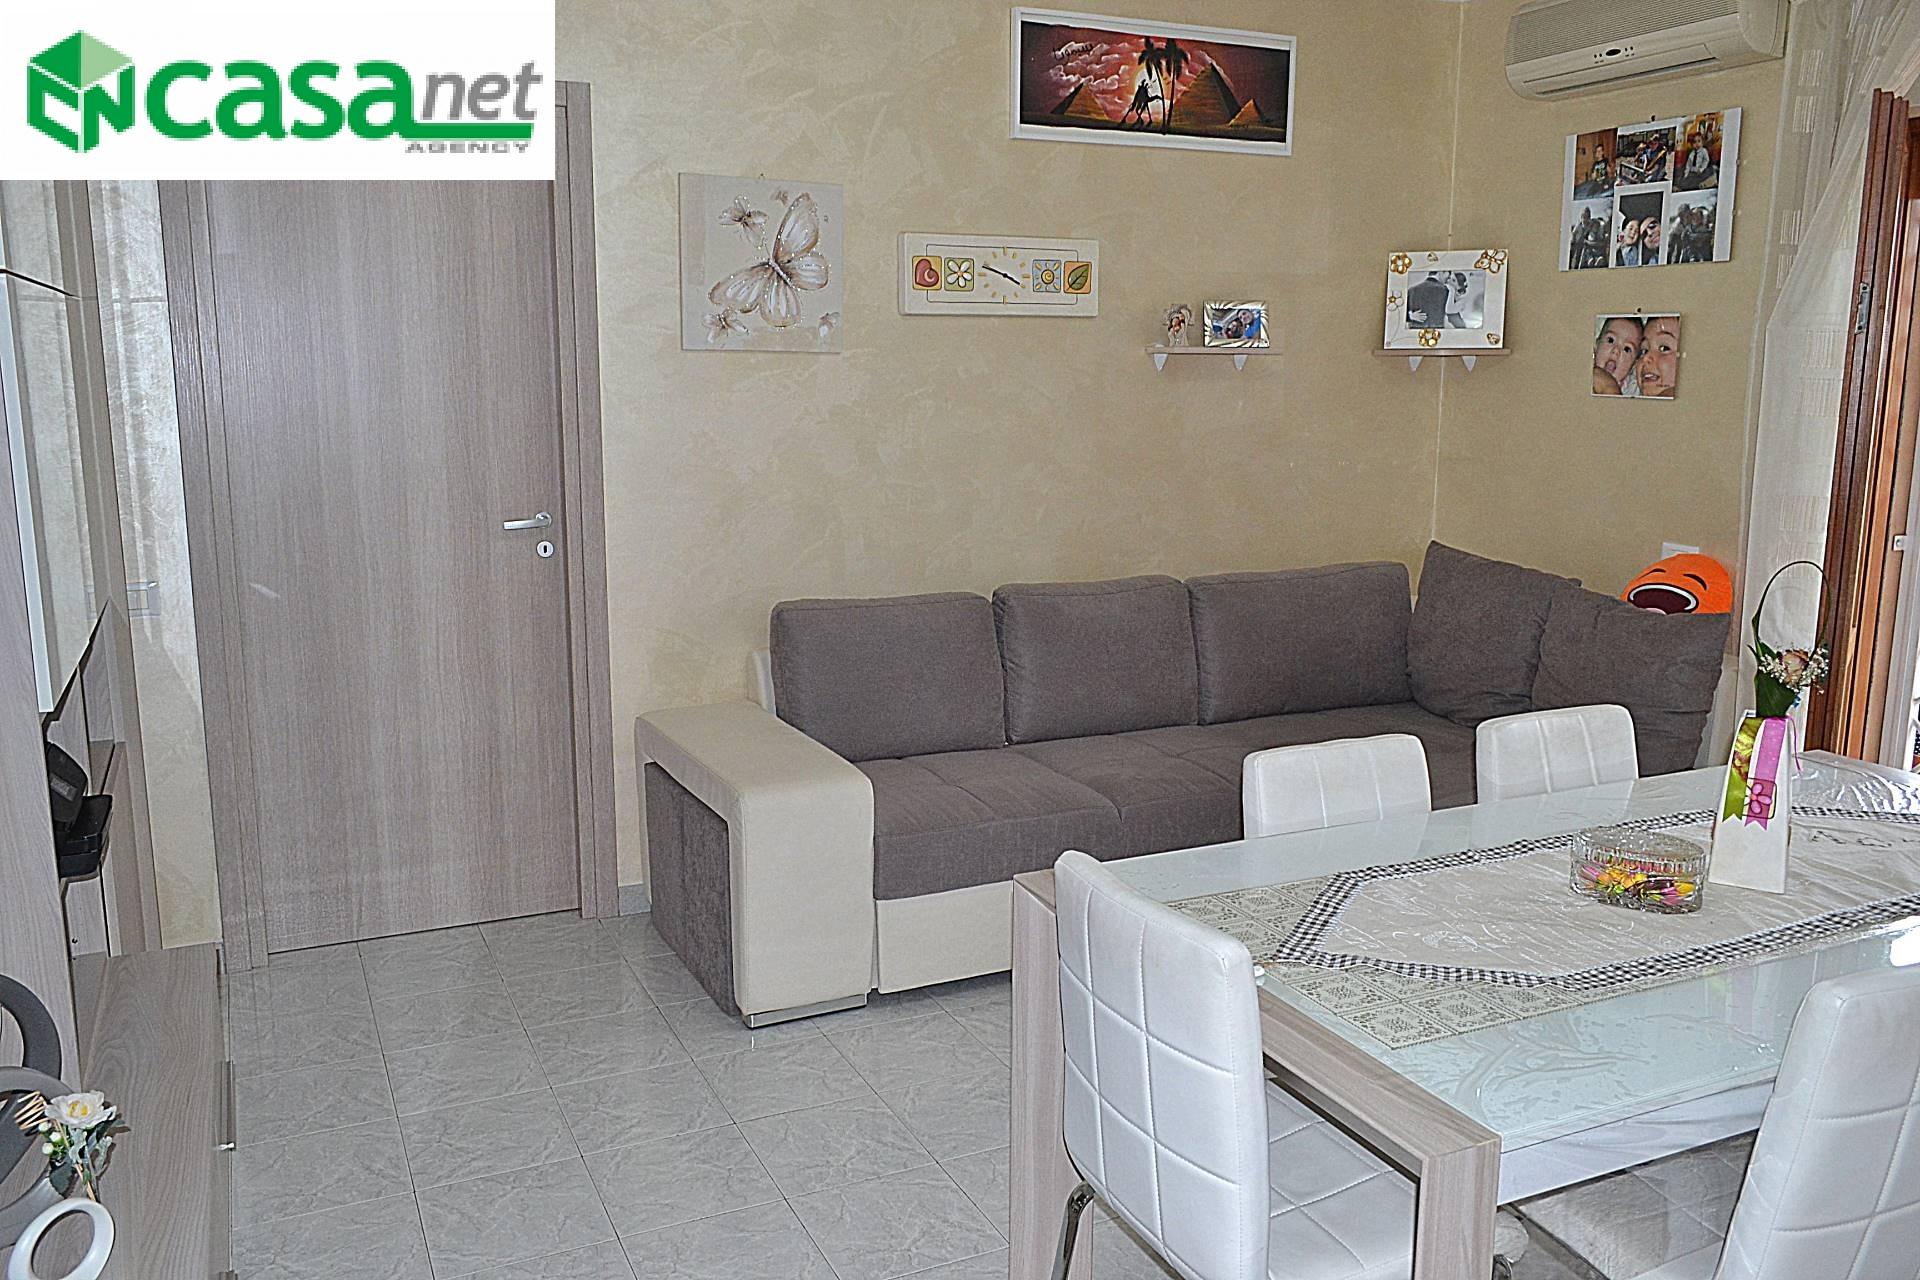 Appartamento in vendita a Guidonia Montecelio, 2 locali, zona Zona: Guidonia, prezzo € 99.000 | CambioCasa.it